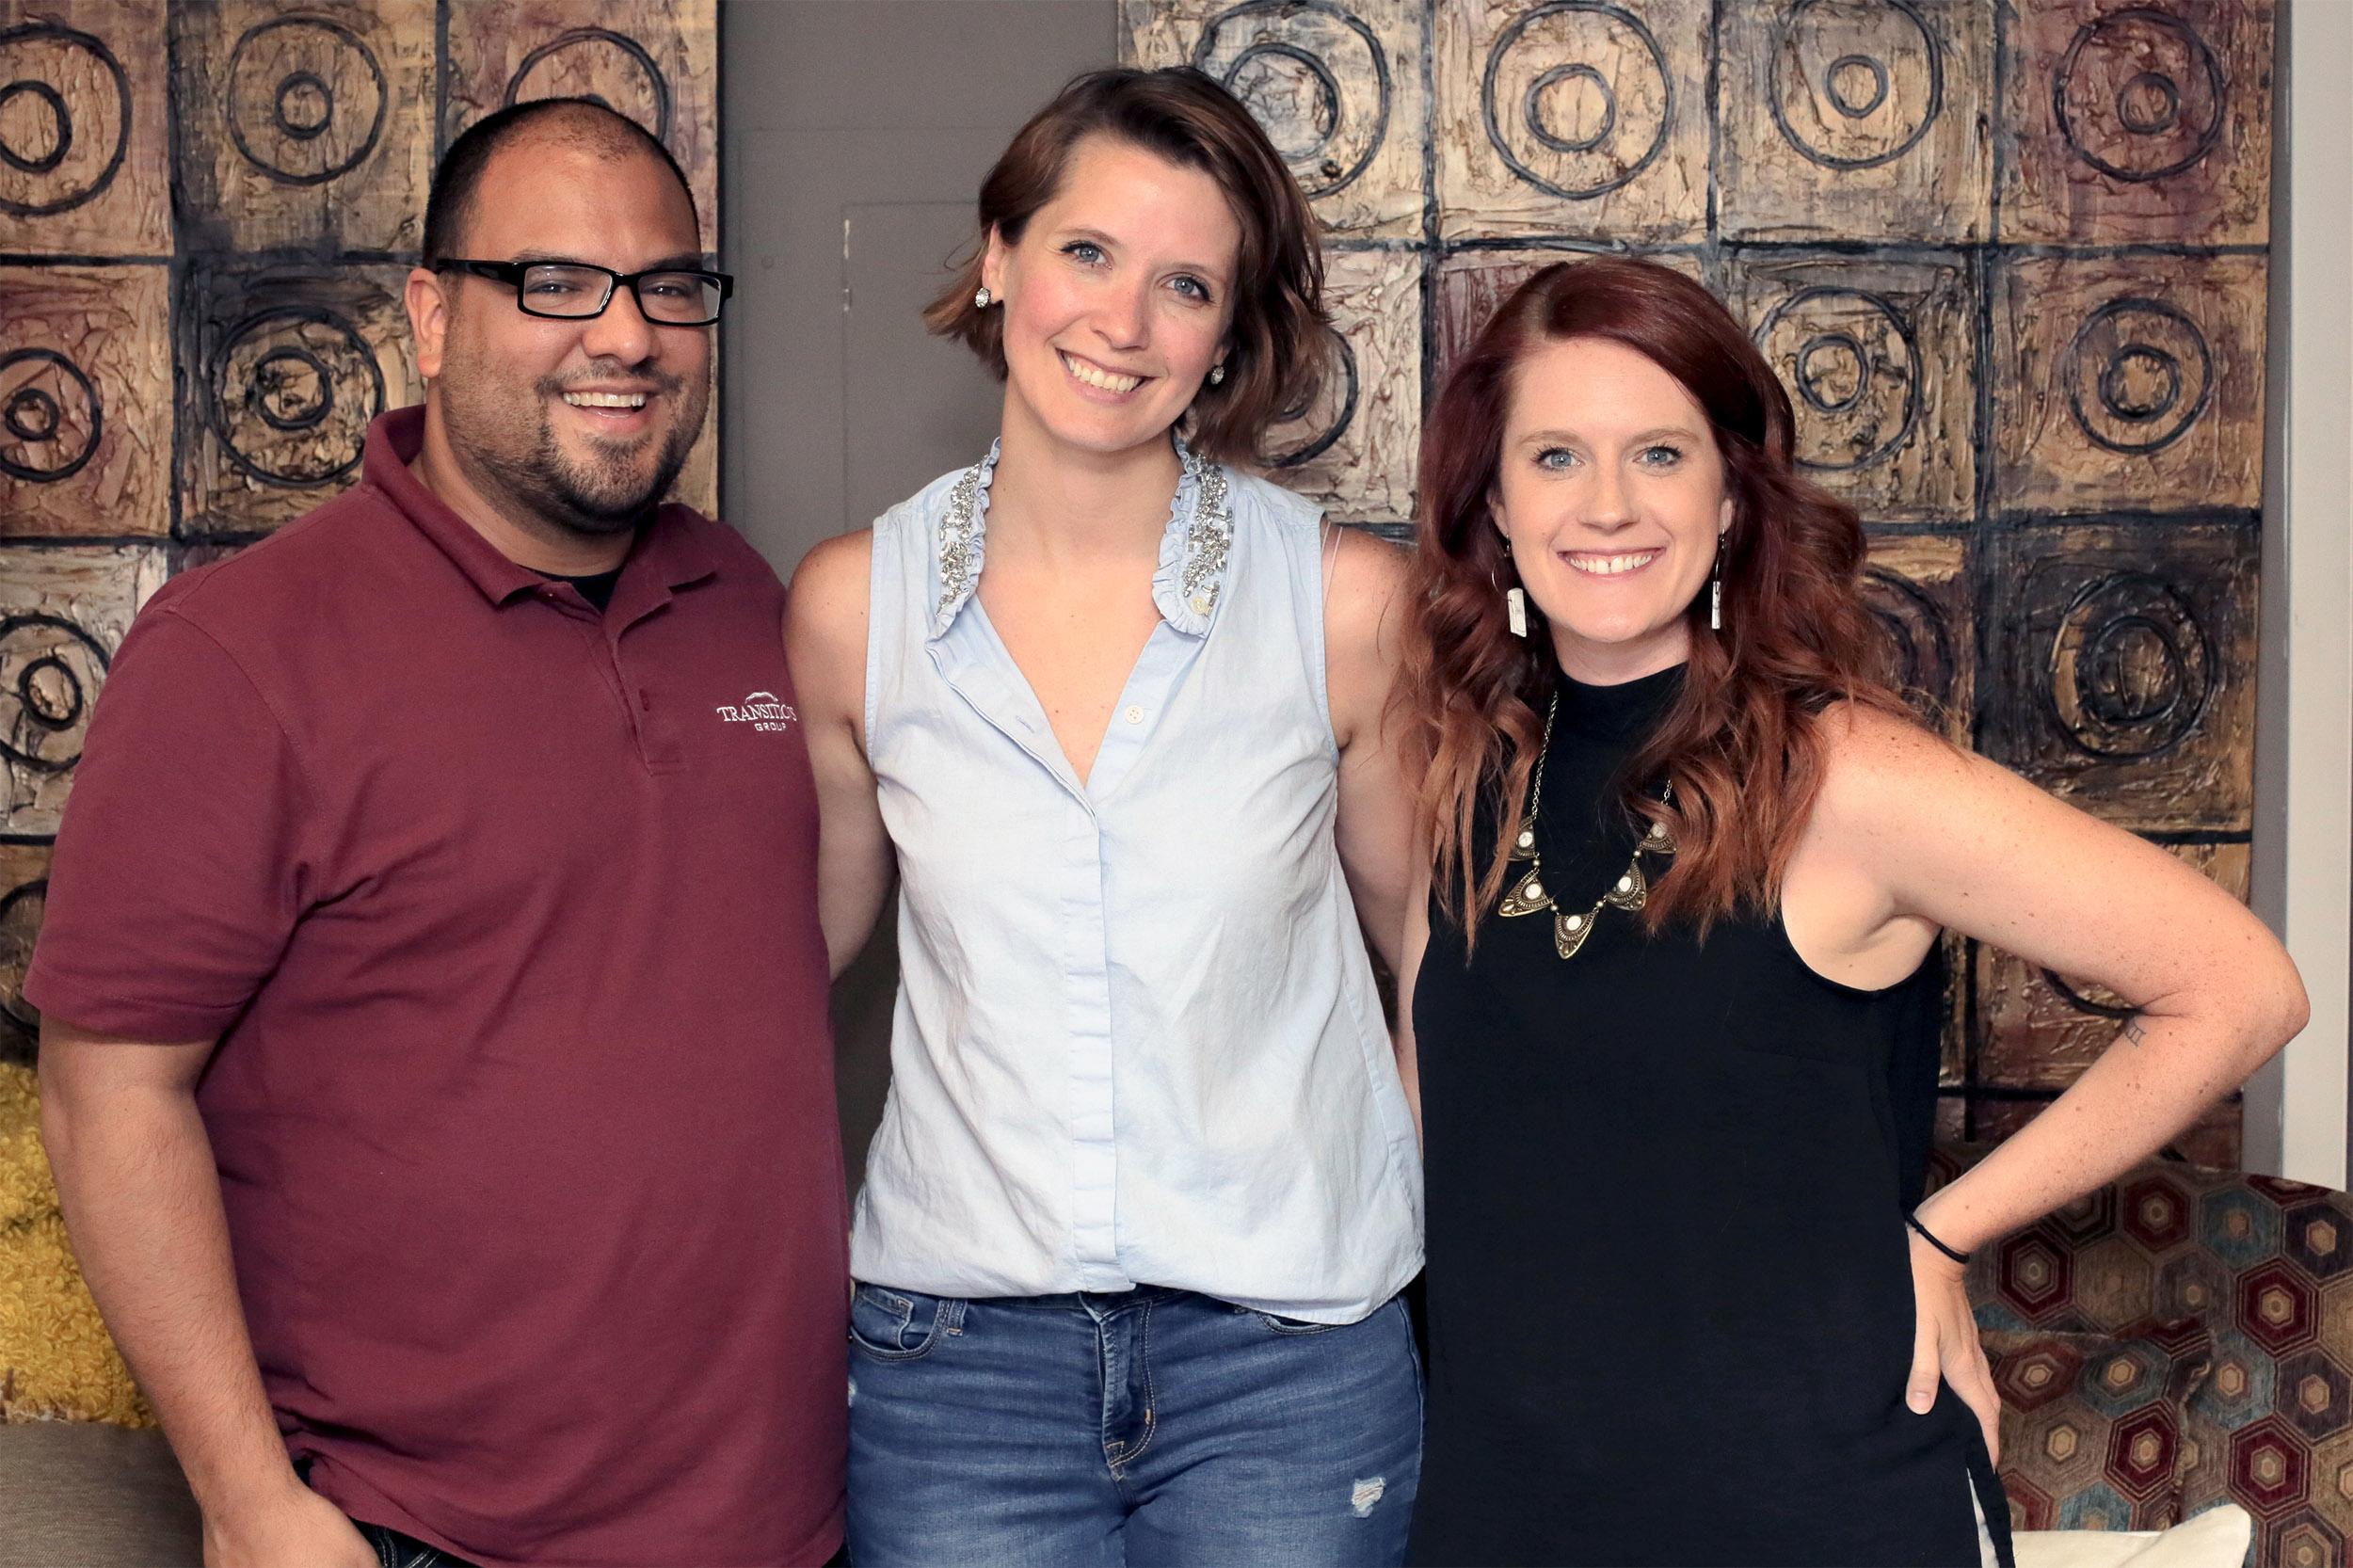 Jason Villanueva, Renee Duxler, Jordan Walker